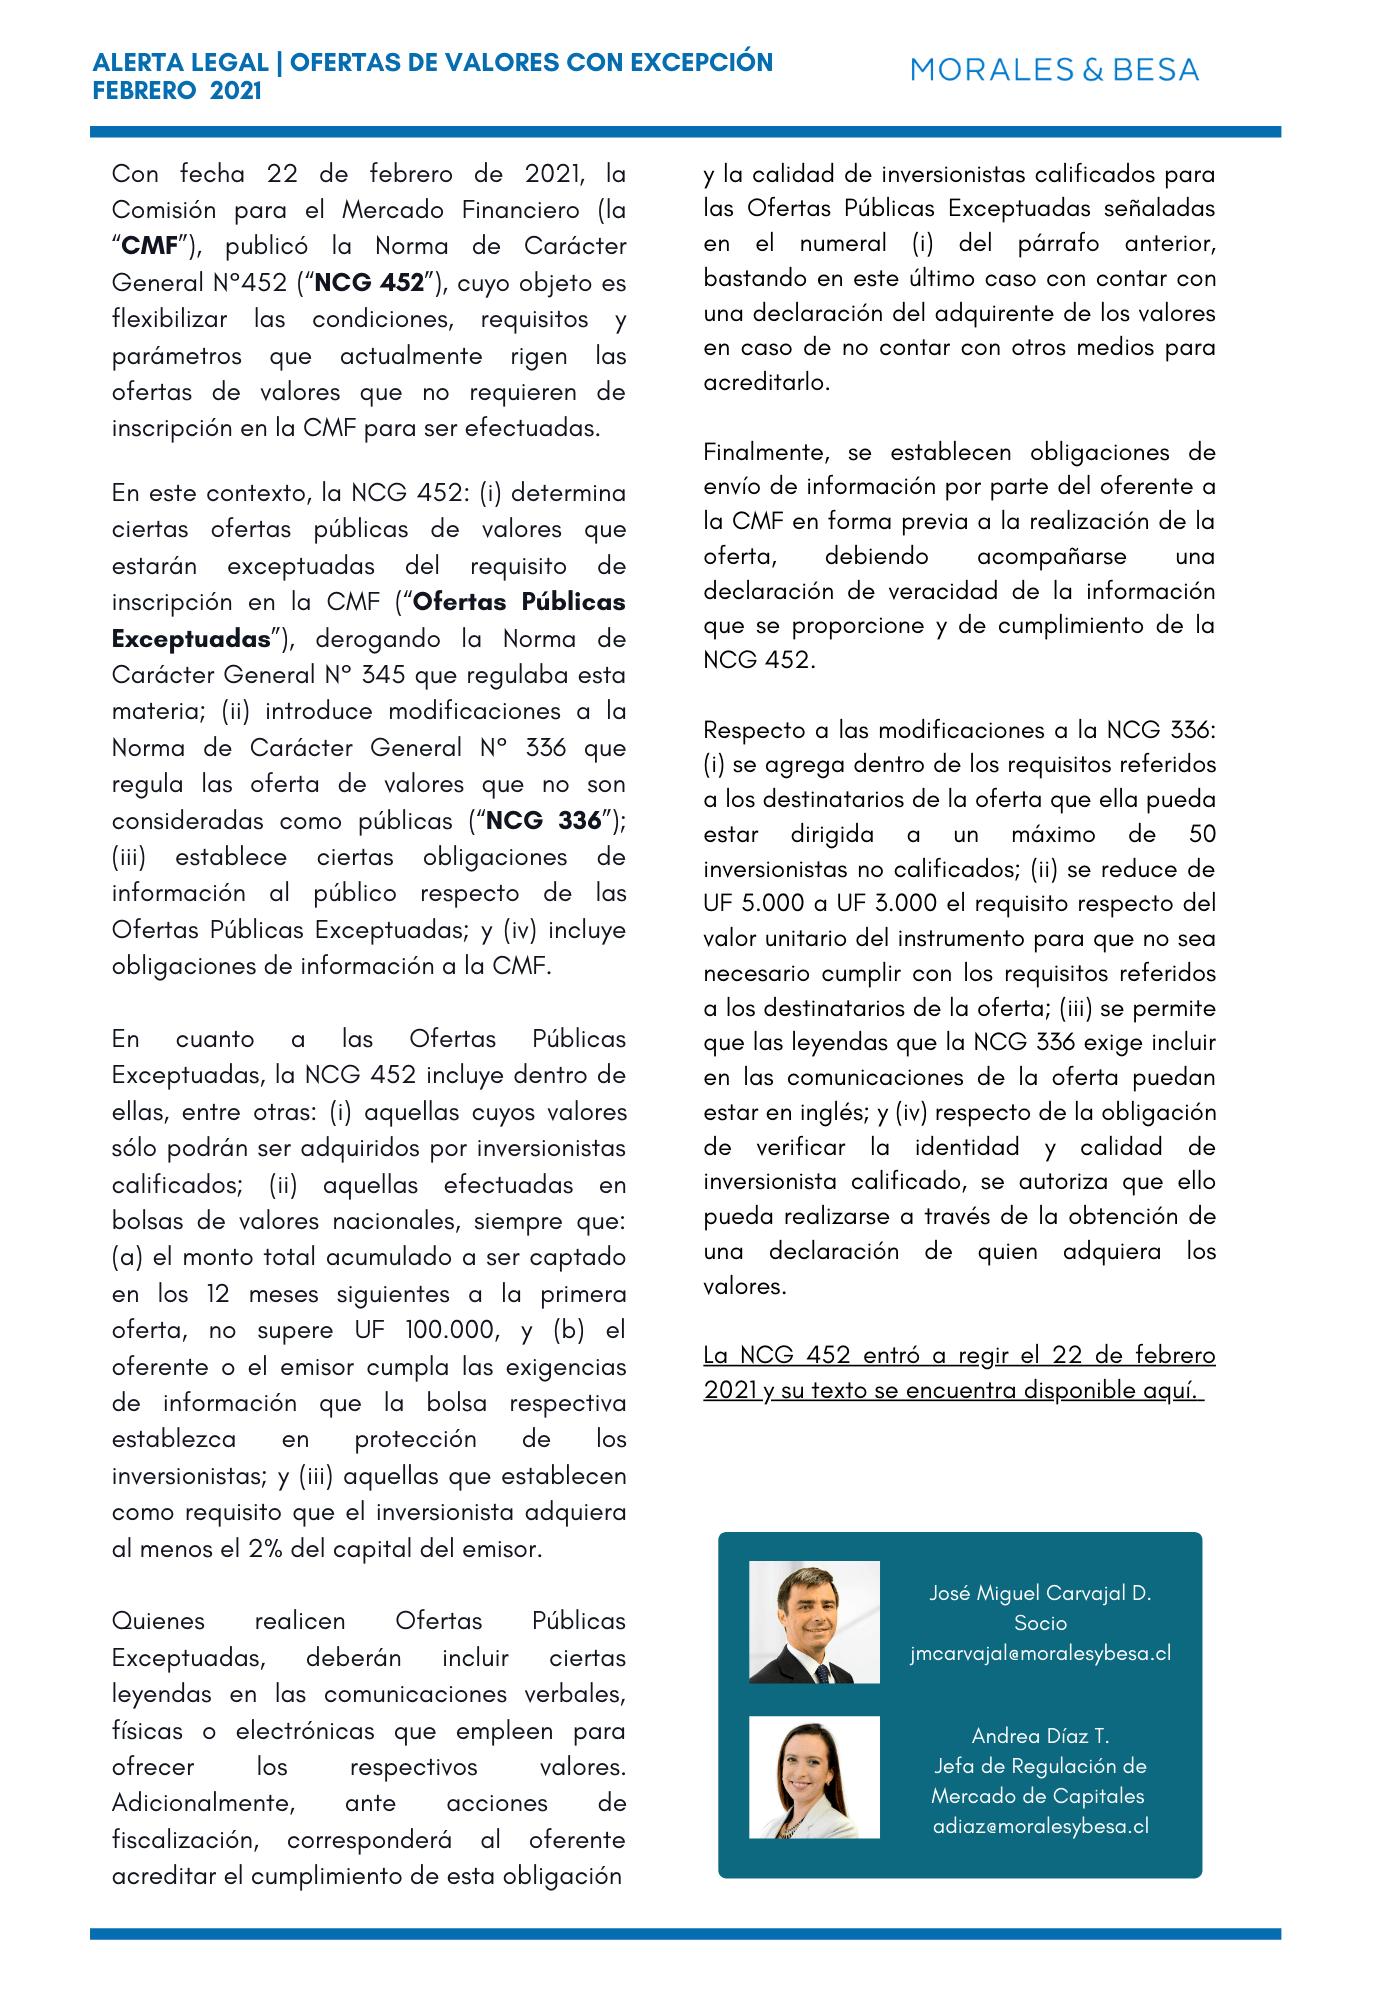 Alerta Legal M&B - Ofertas de Valores con Excepción (1)